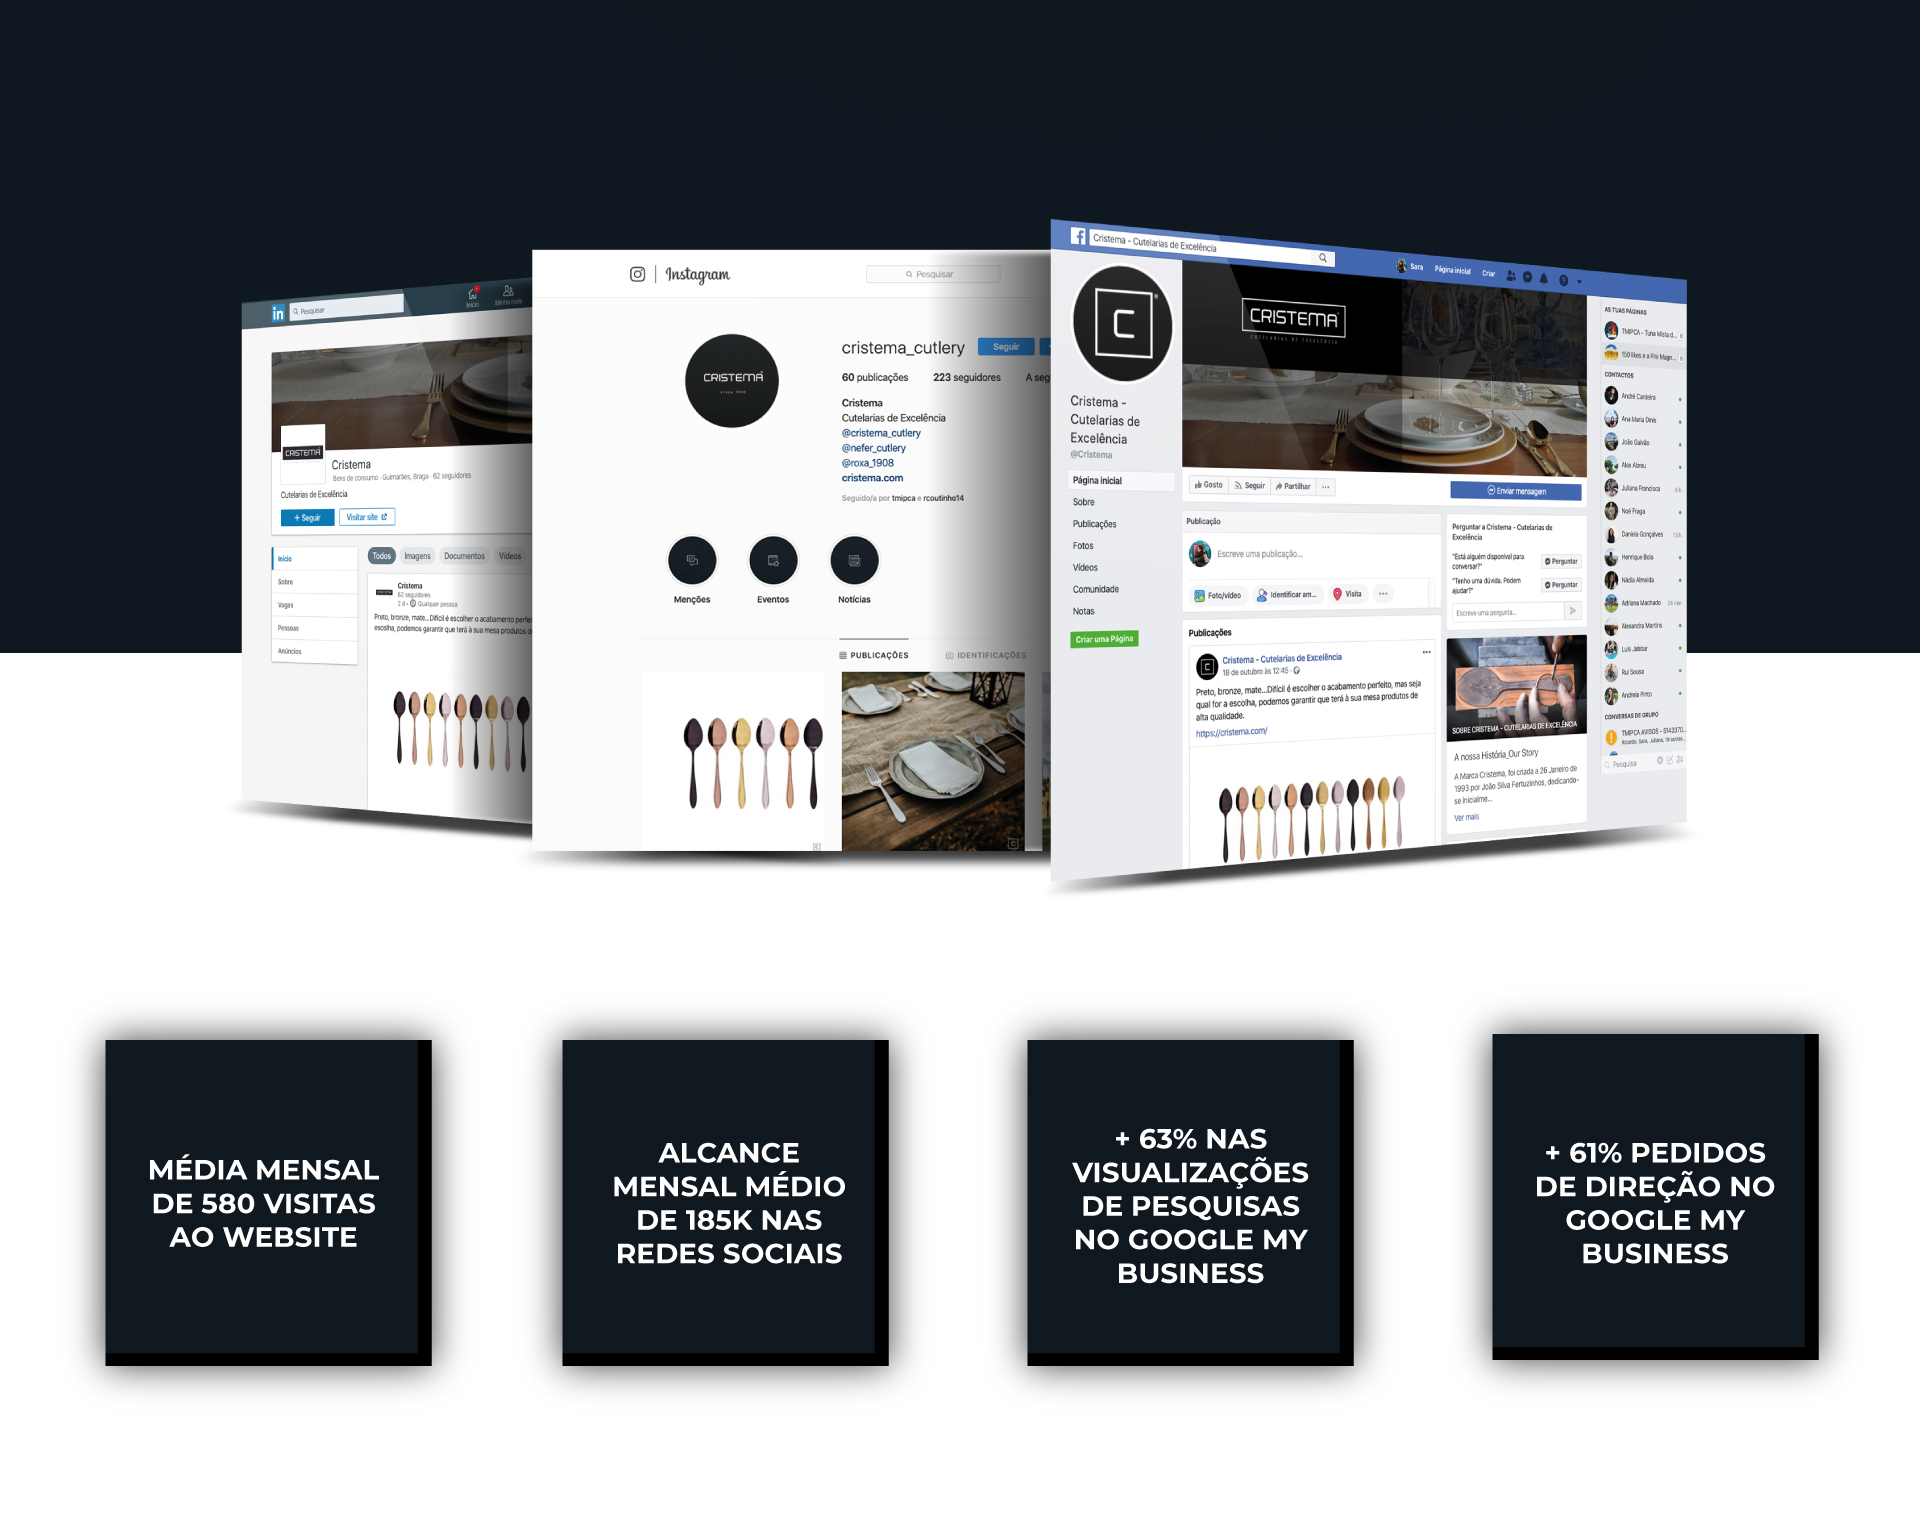 Resultados dos esforços de Comunicação e Marketing feitos pela UNIFY para a empresa Cristema